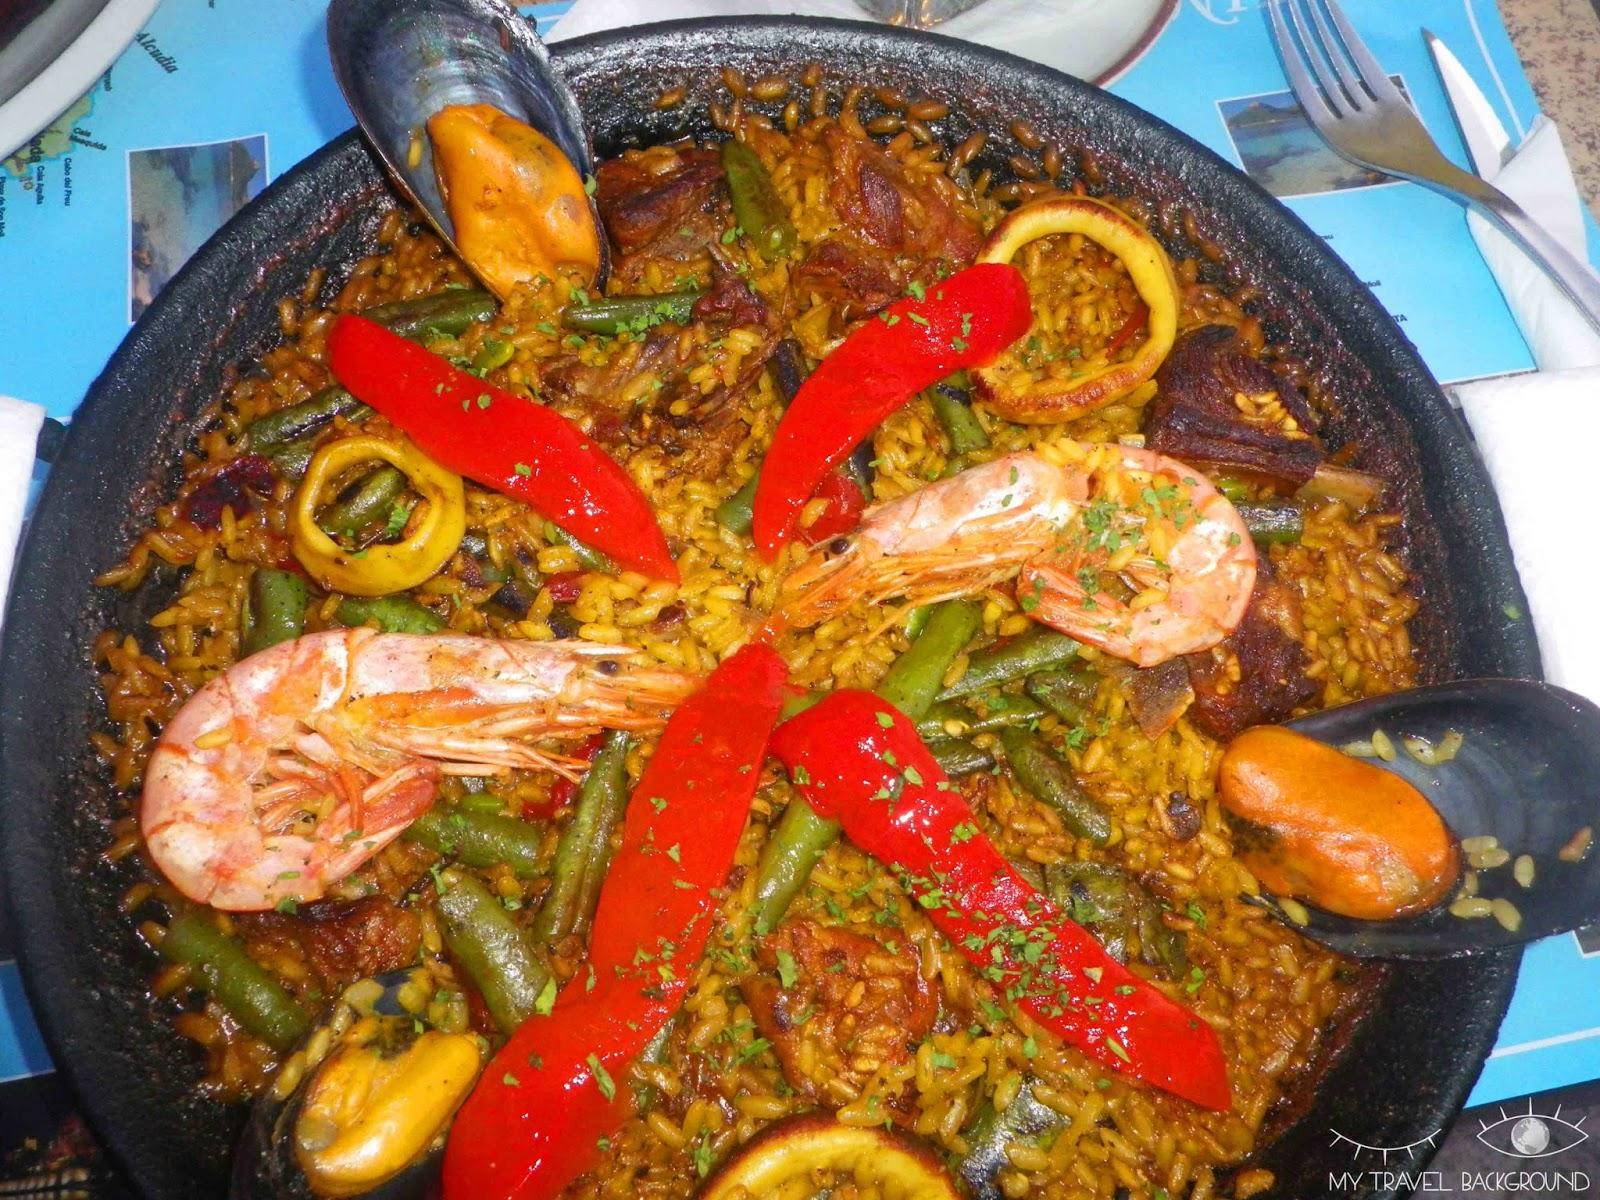 My Travel Background : 14 plats typiques dégustés en voyage - Paella en Espagne, Majorque